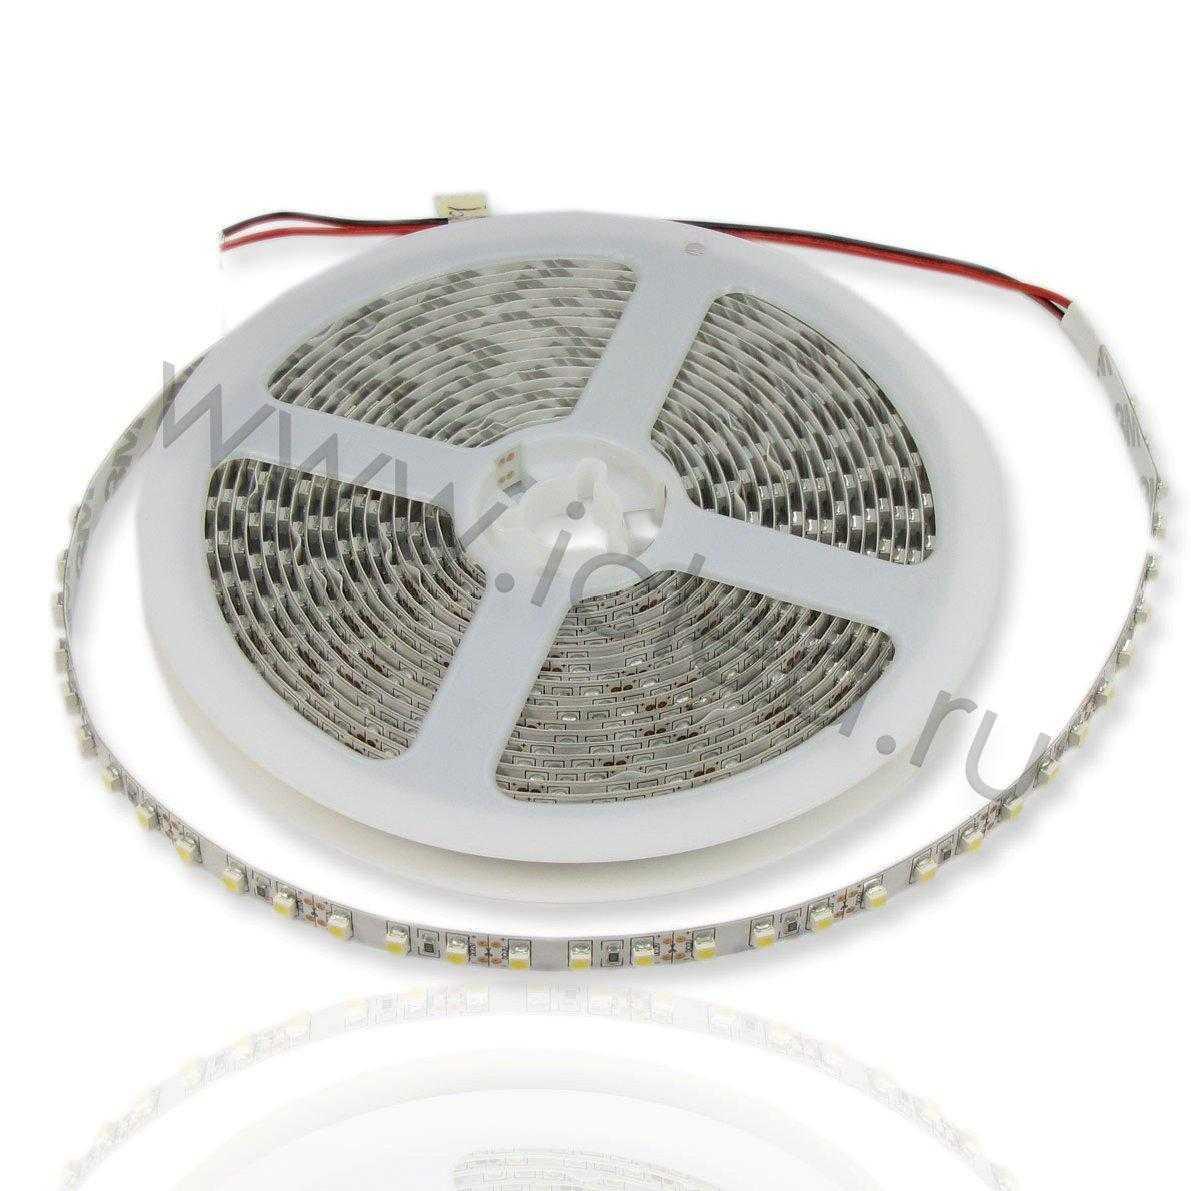 Светодиодная лента Class B, 3528, 120 led/m, Warm White, 12V, IP33